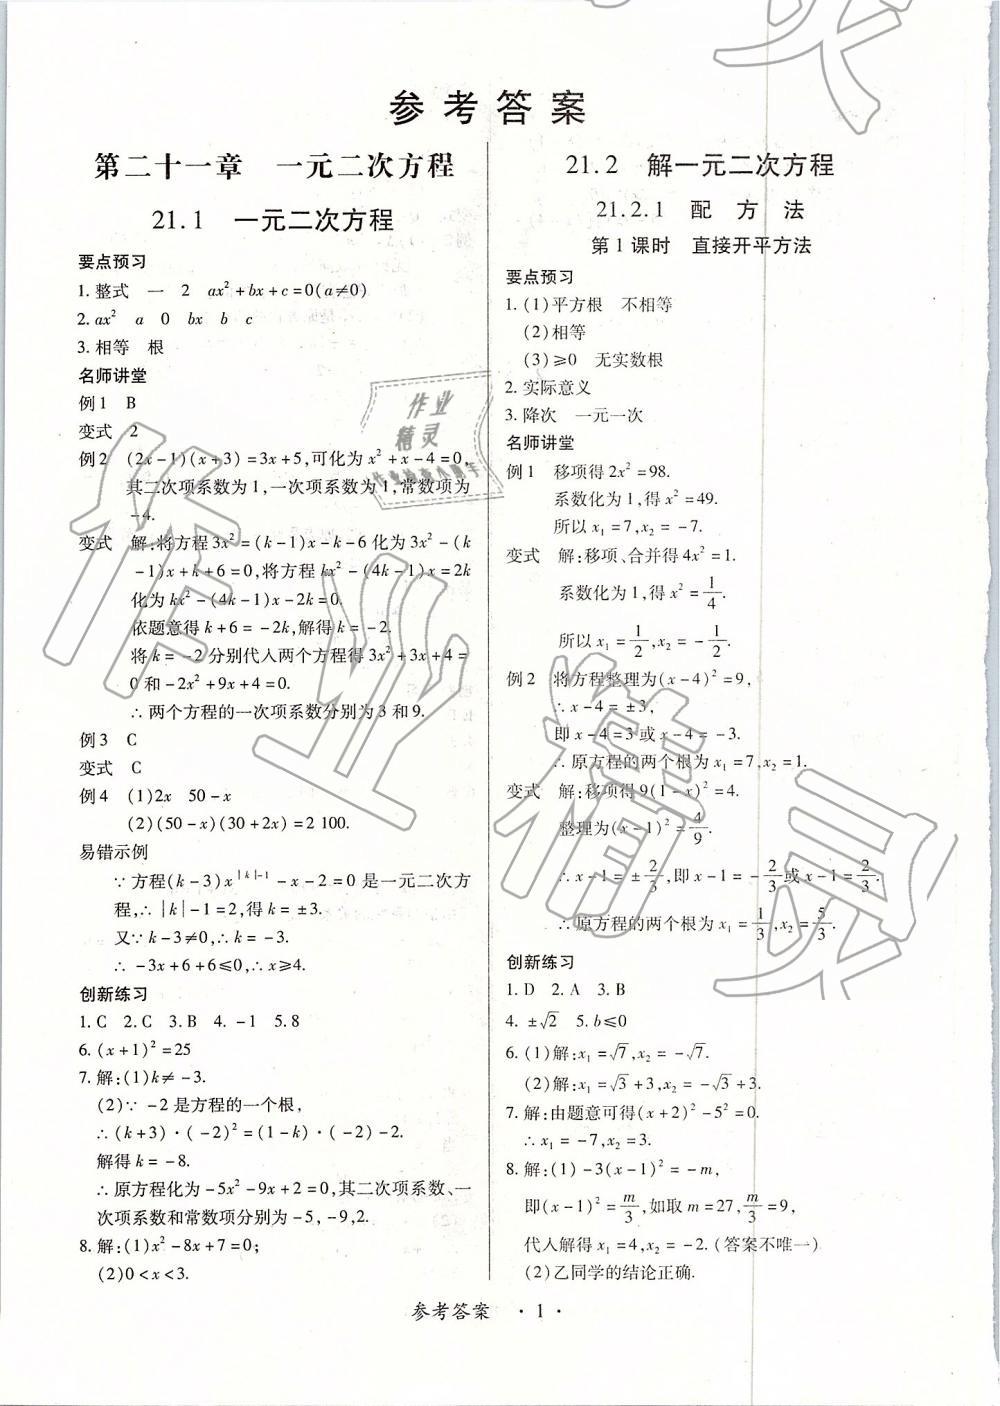 2018年一課一練創新練習九年級數學全一冊人教版第1頁